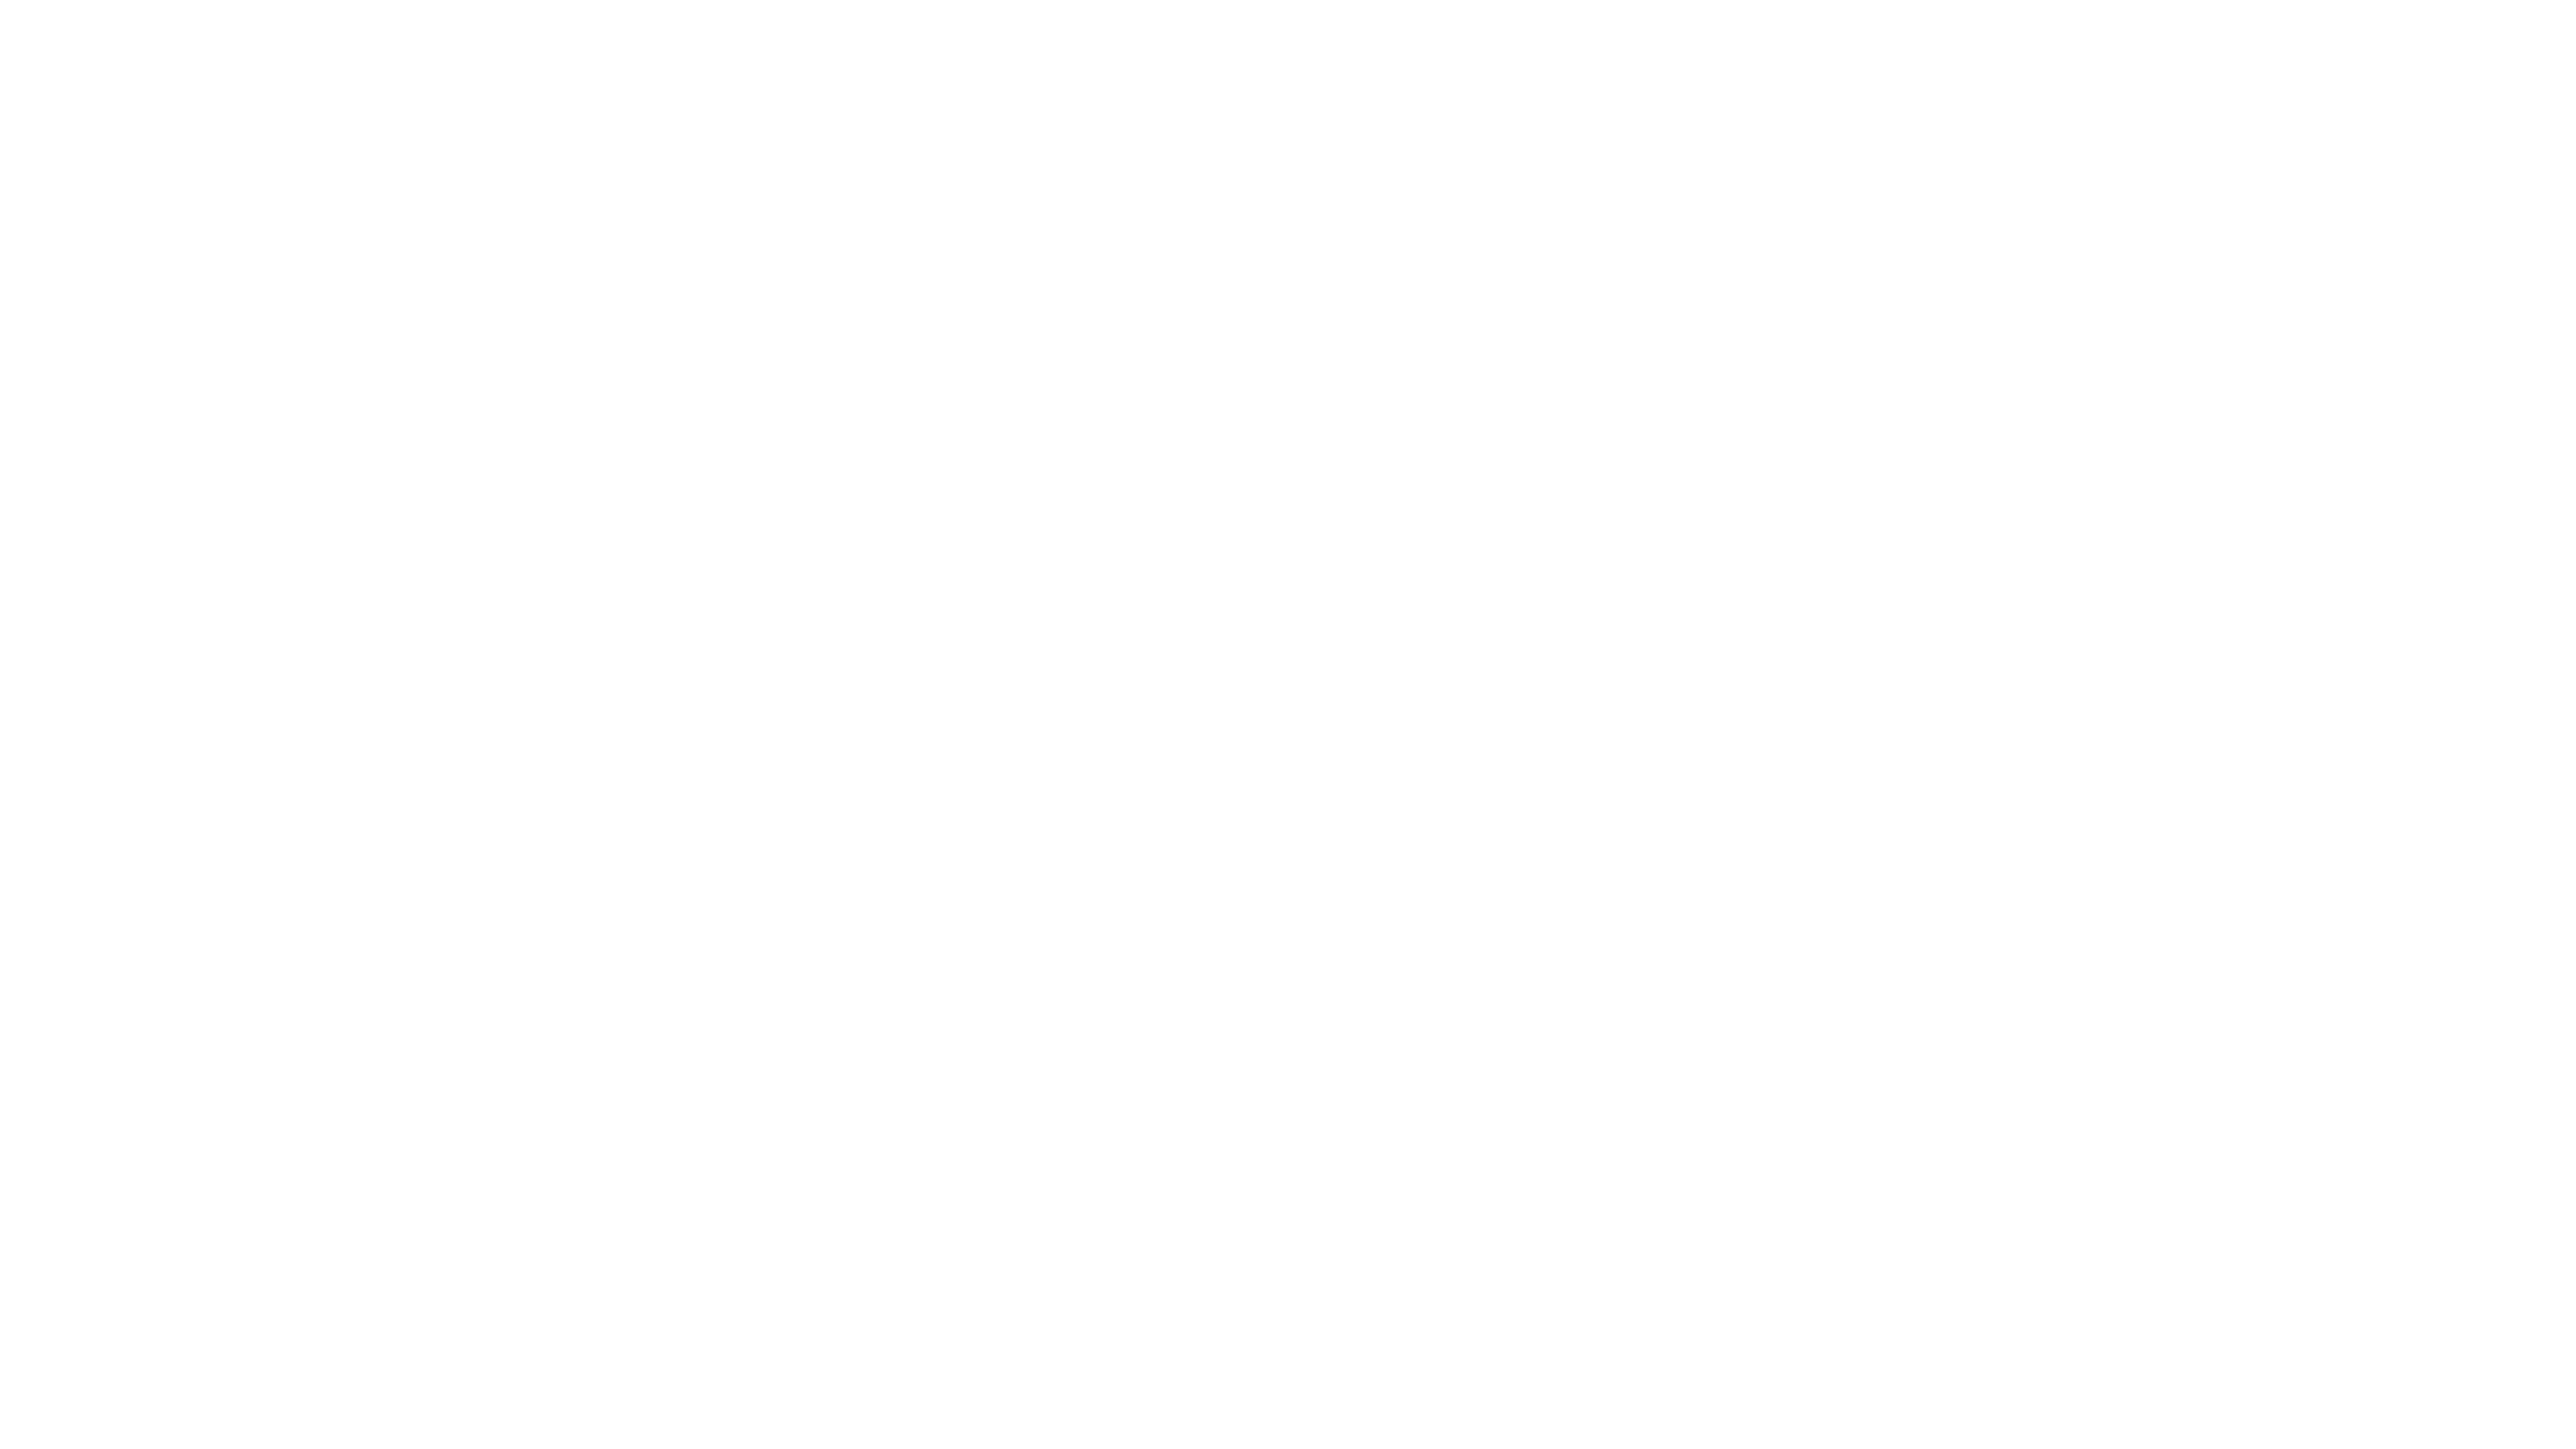 4:00 P.M.